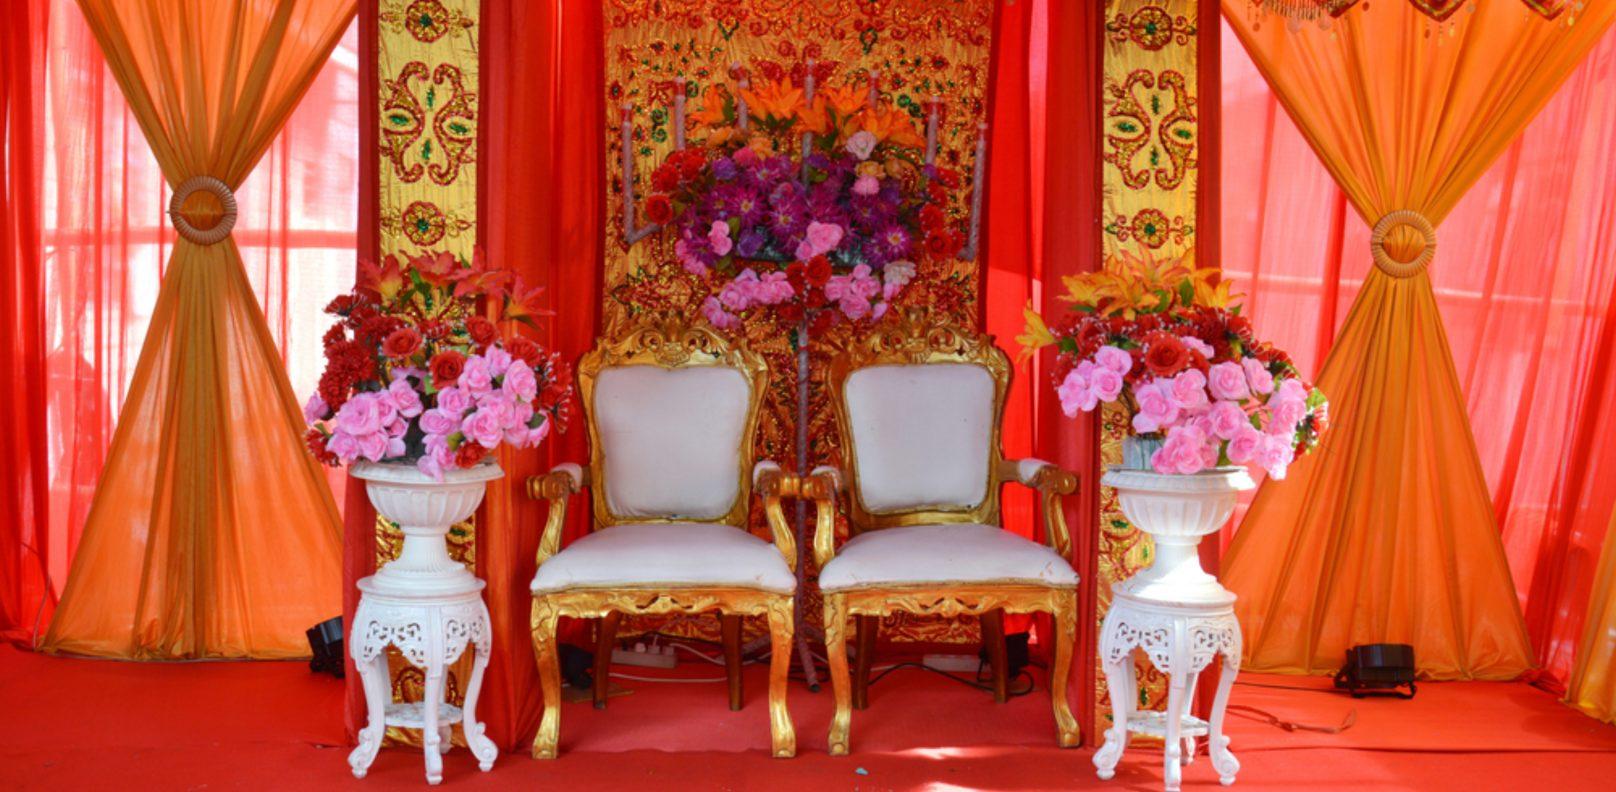 Indian Wedding Seating